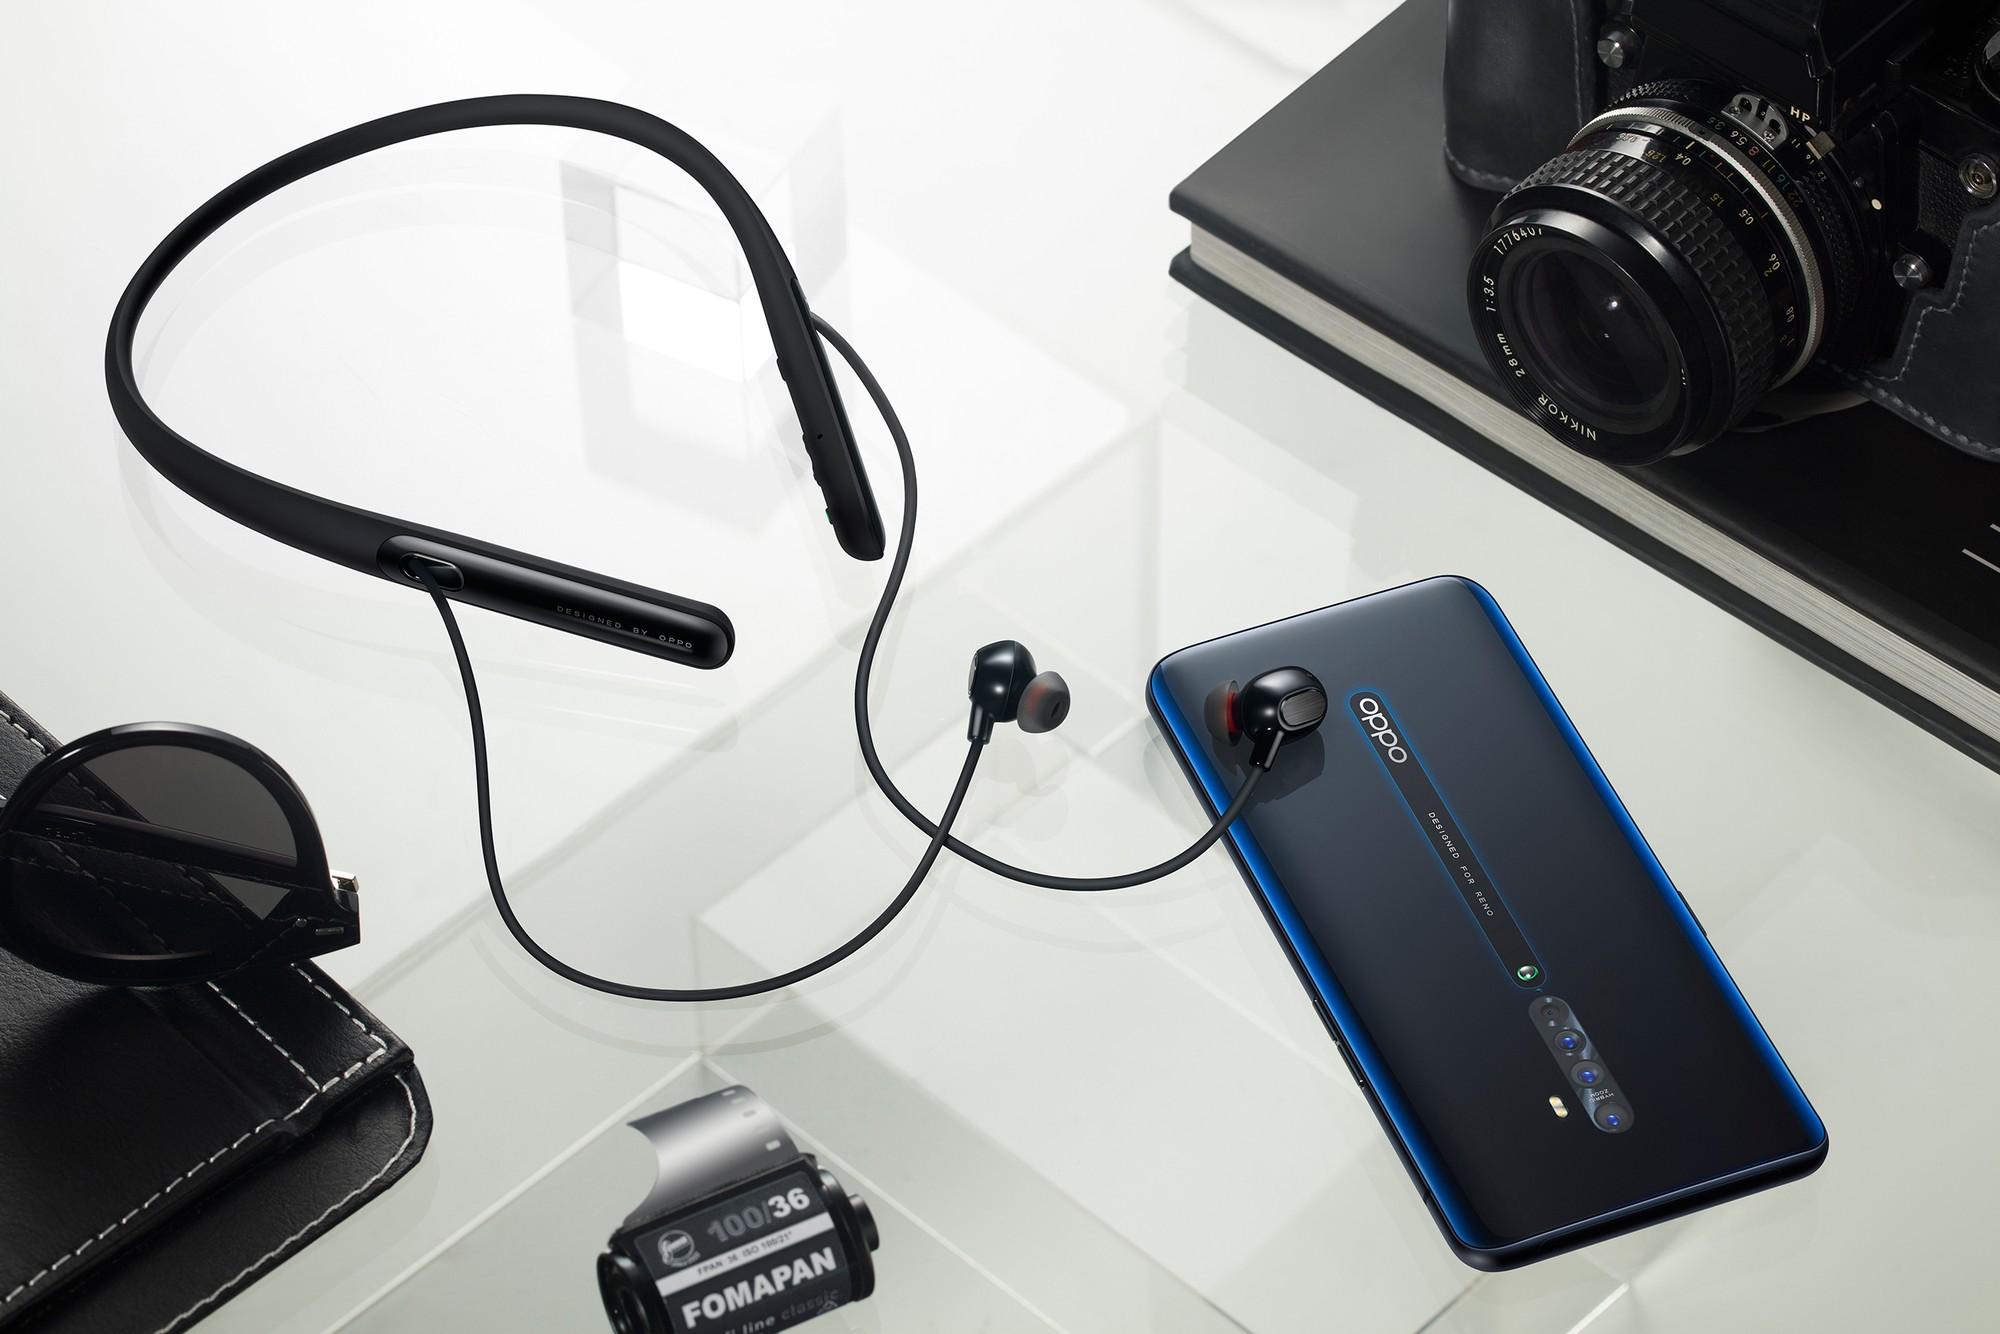 Với OPPO, smartphone không chỉ để nghe gọi lướt web mà còn để thể hiện phong cách - Ảnh 8.